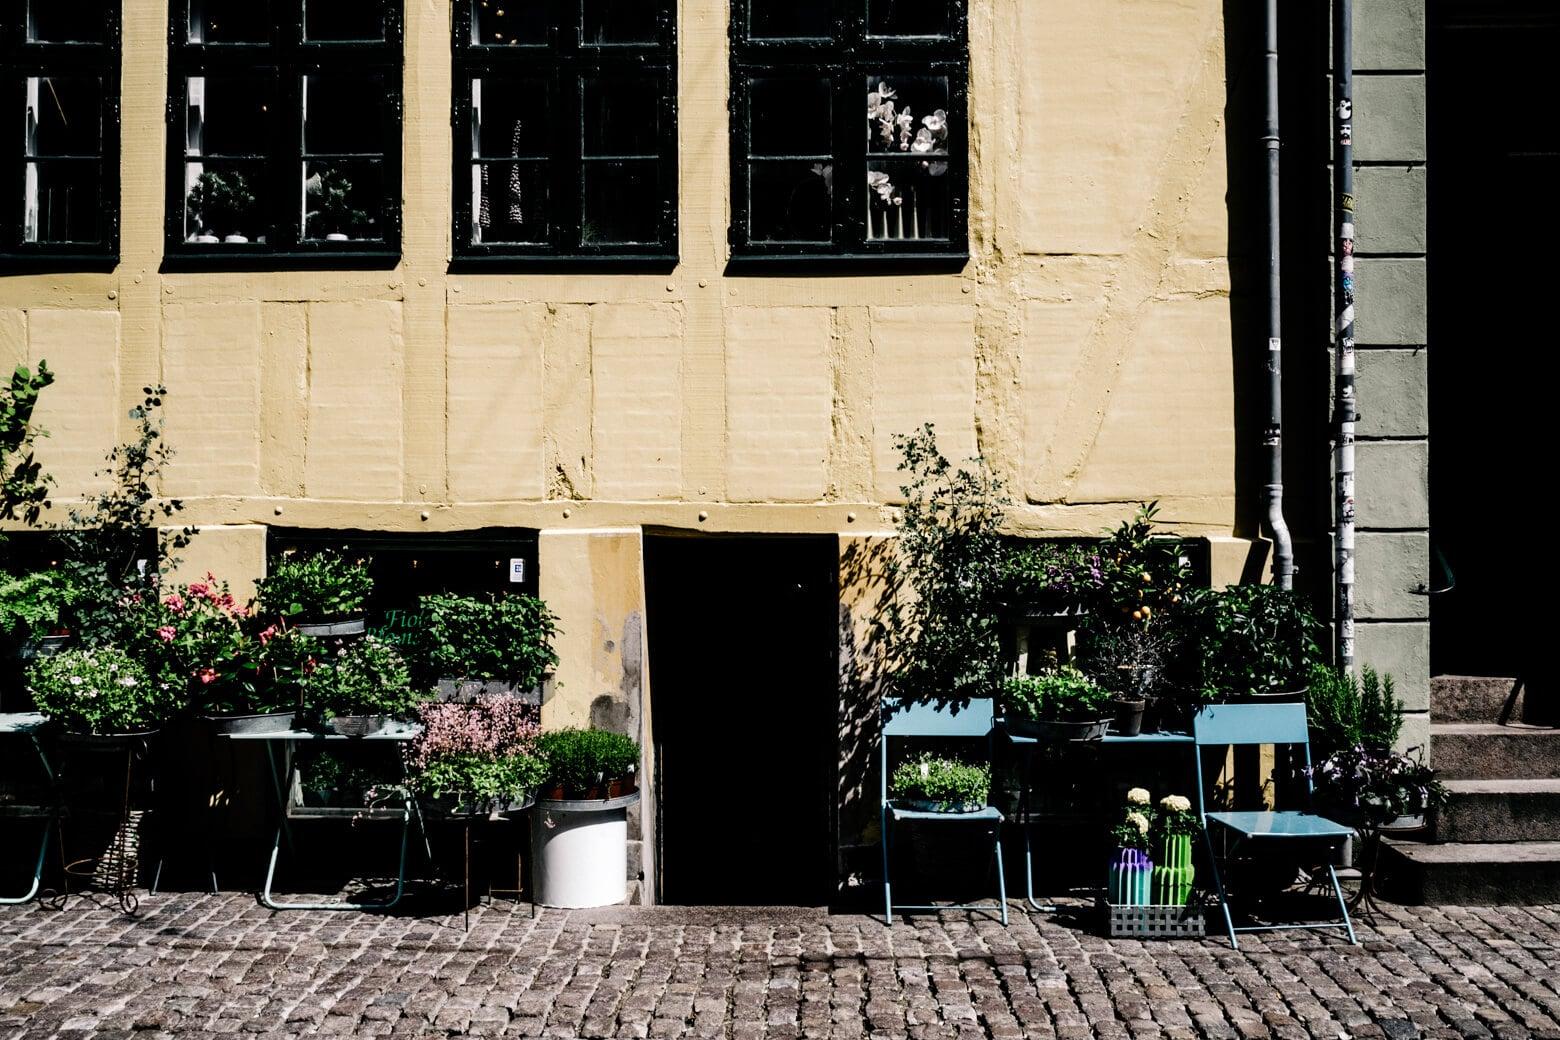 Nørrebro: Hipster Neighbourhood in Copenhagen